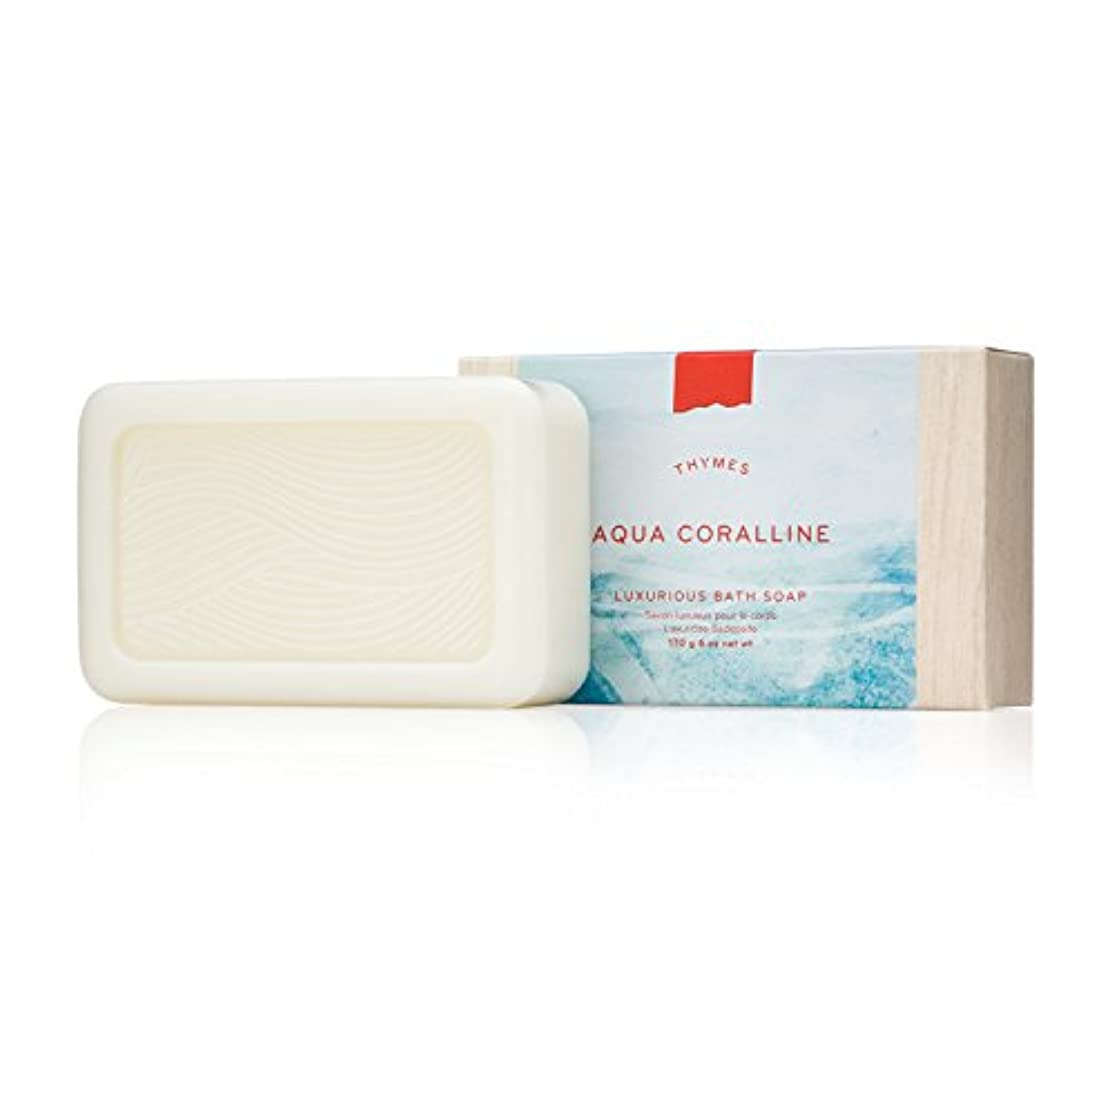 不安定奨学金版タイムズ Aqua Coralline Luxurious Bath Soap 170g/6oz並行輸入品